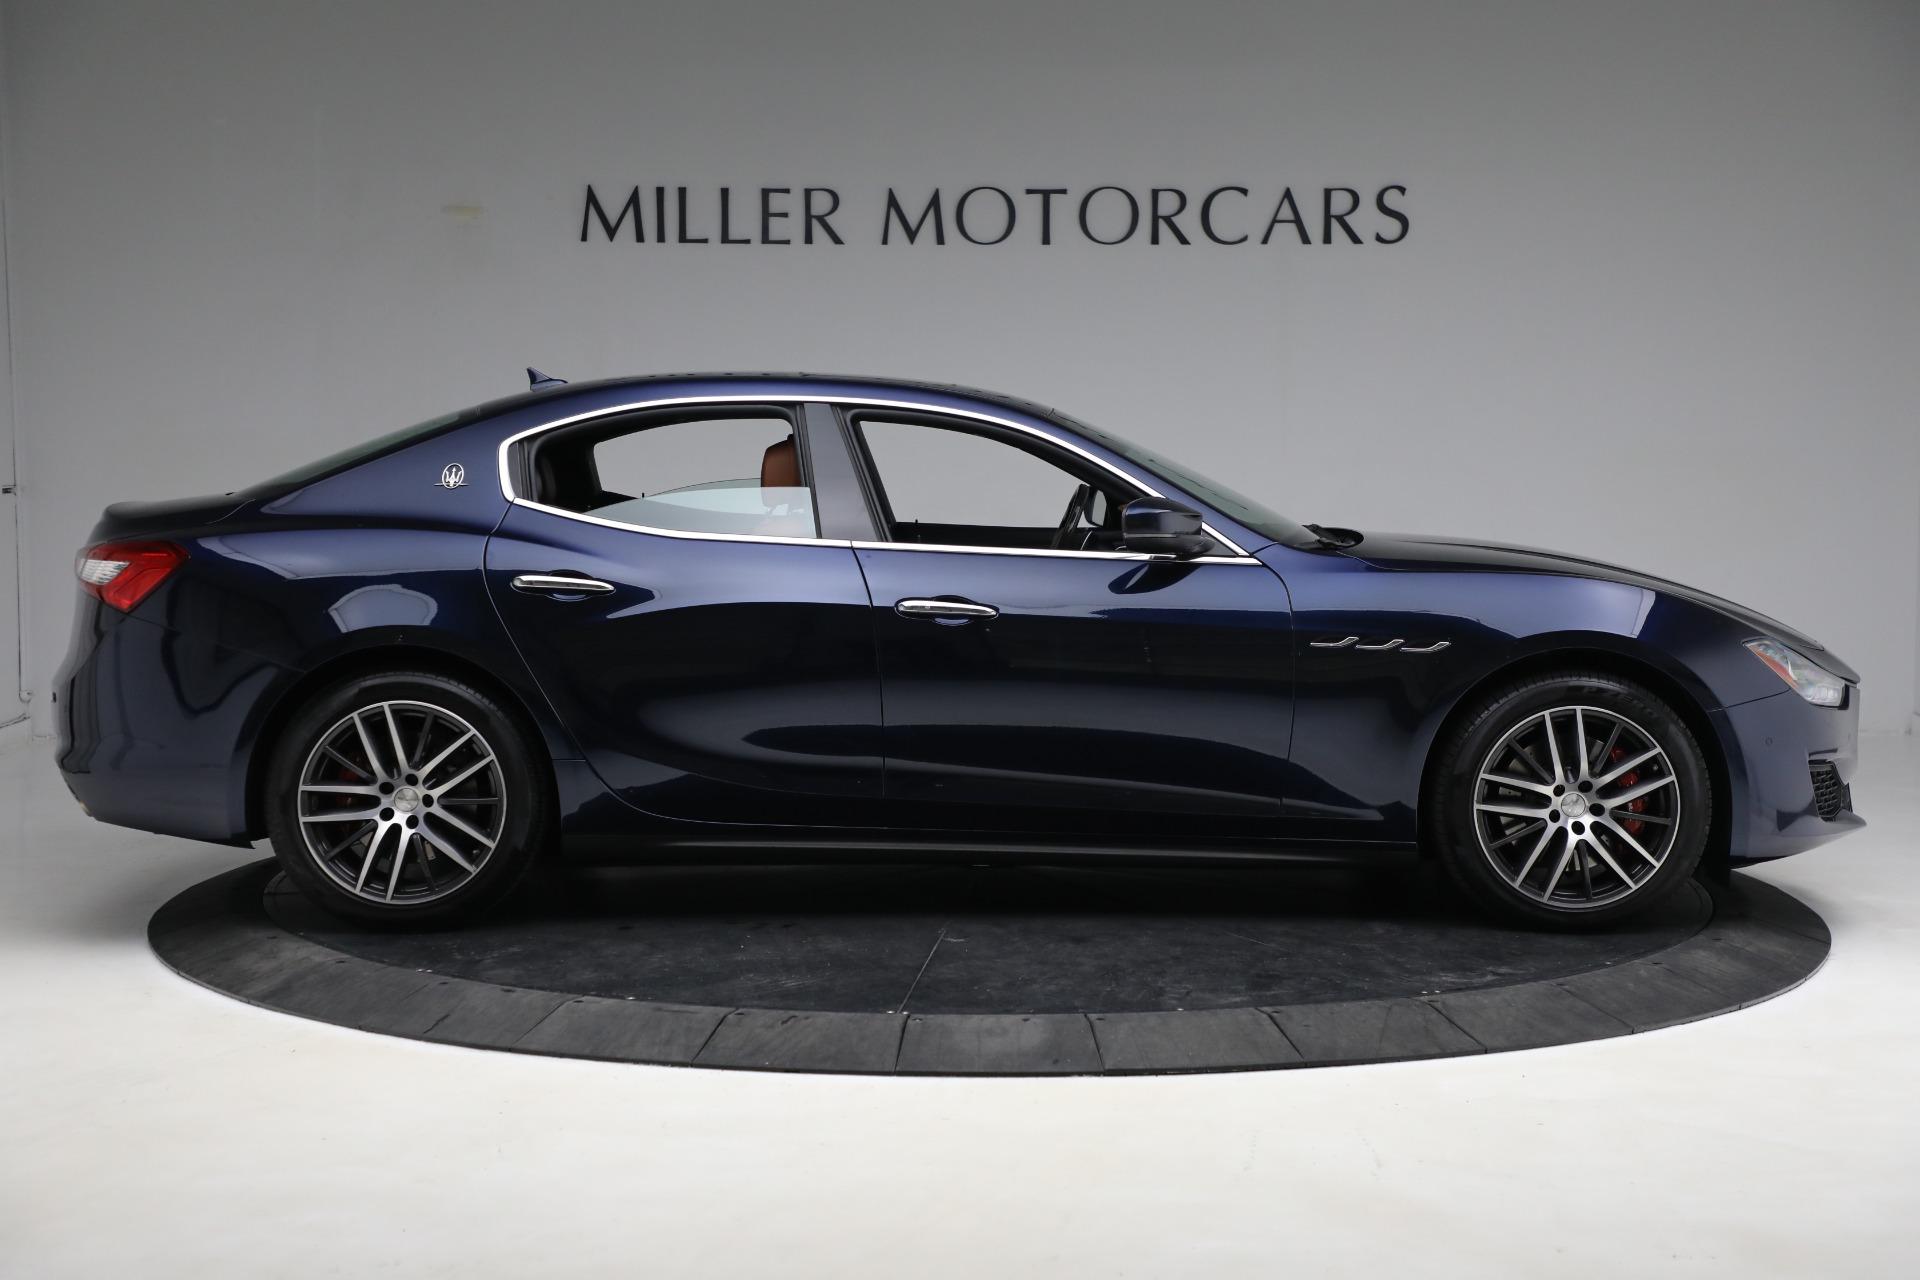 New 2019 Maserati Ghibli S Q4 For Sale In Greenwich, CT 3020_p9